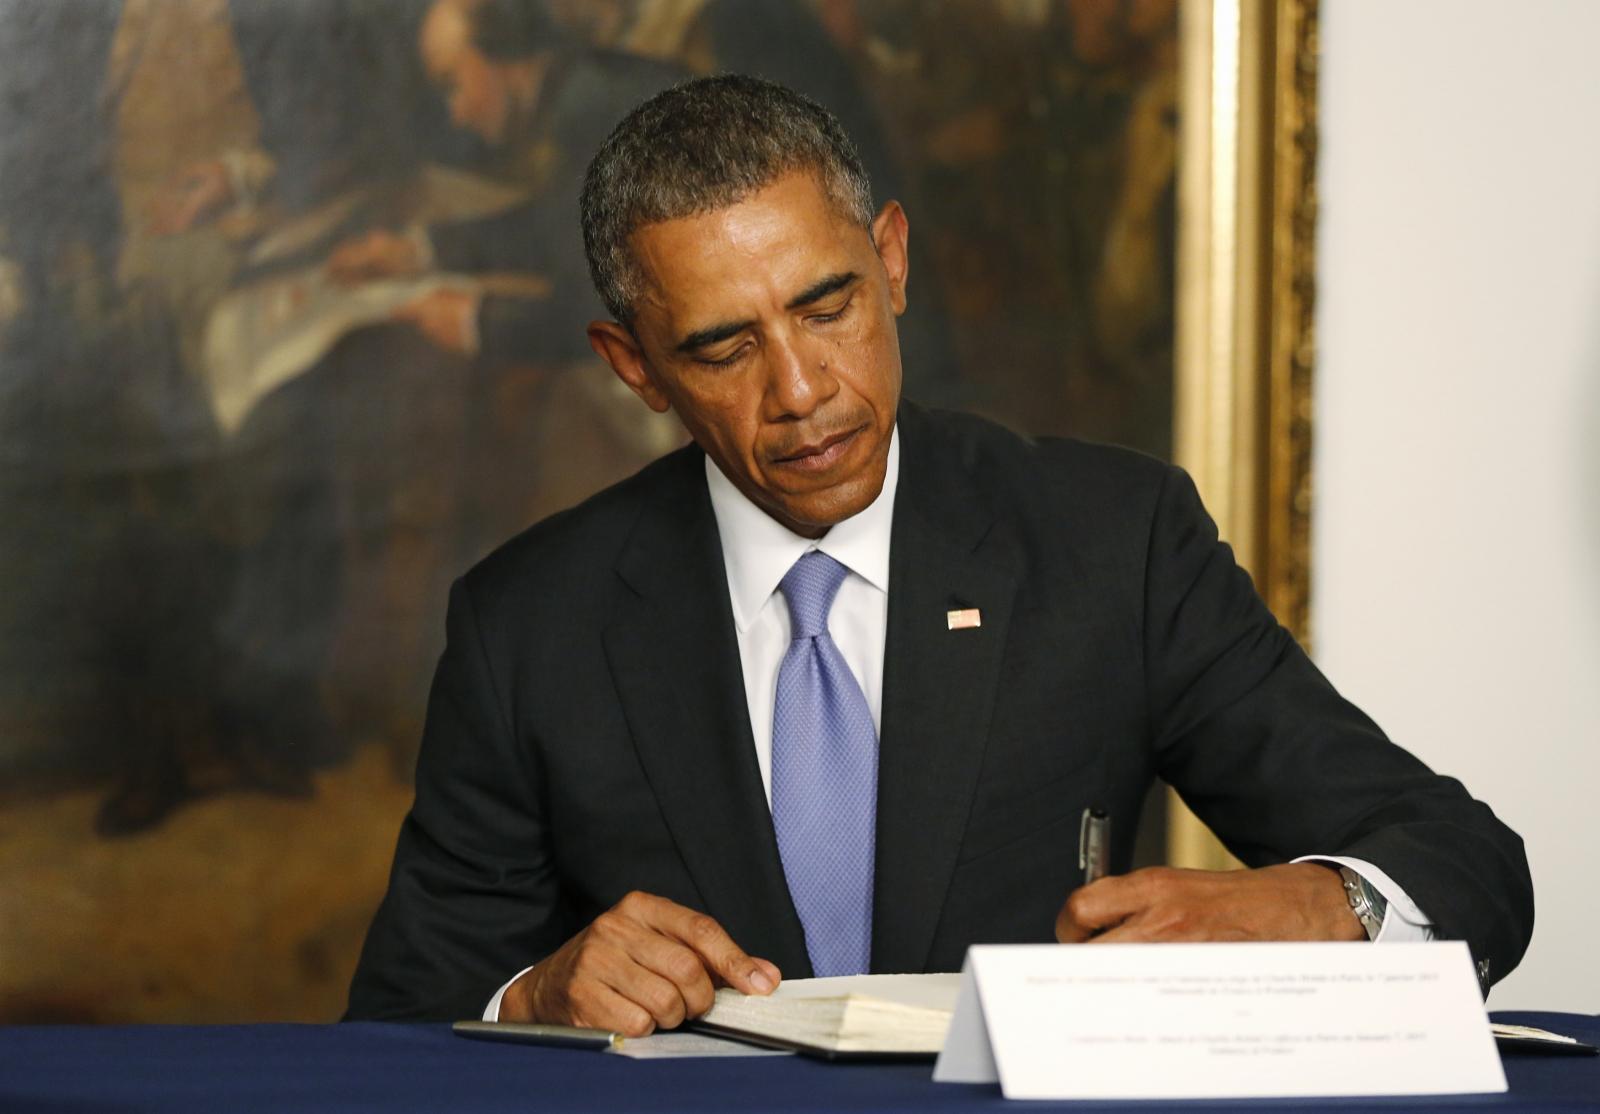 Charlie Hebdo Paris Shooting Obama France US